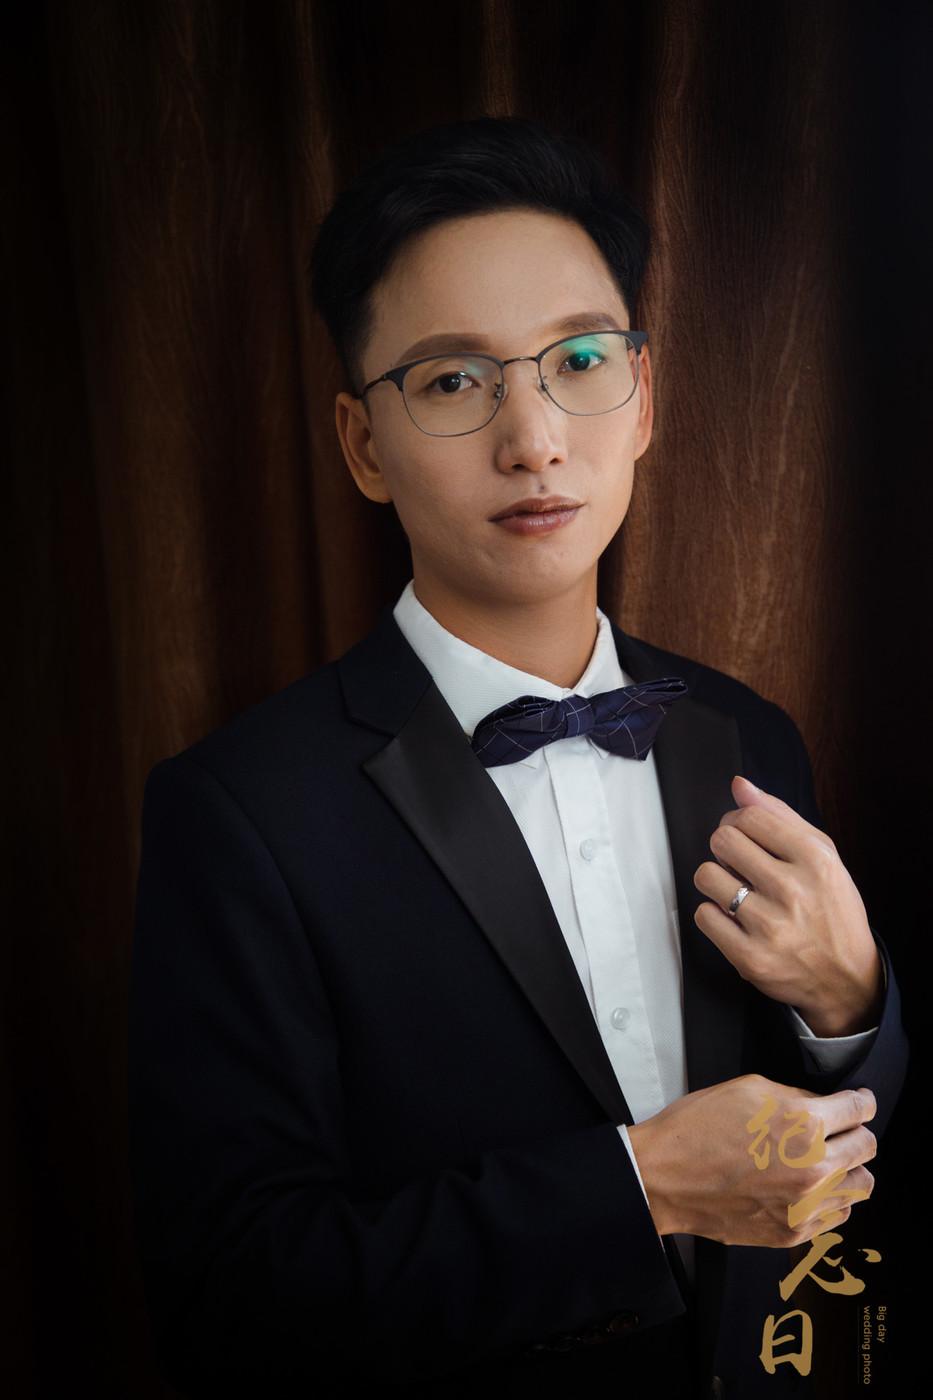 婚礼 | 志明&琳琳5